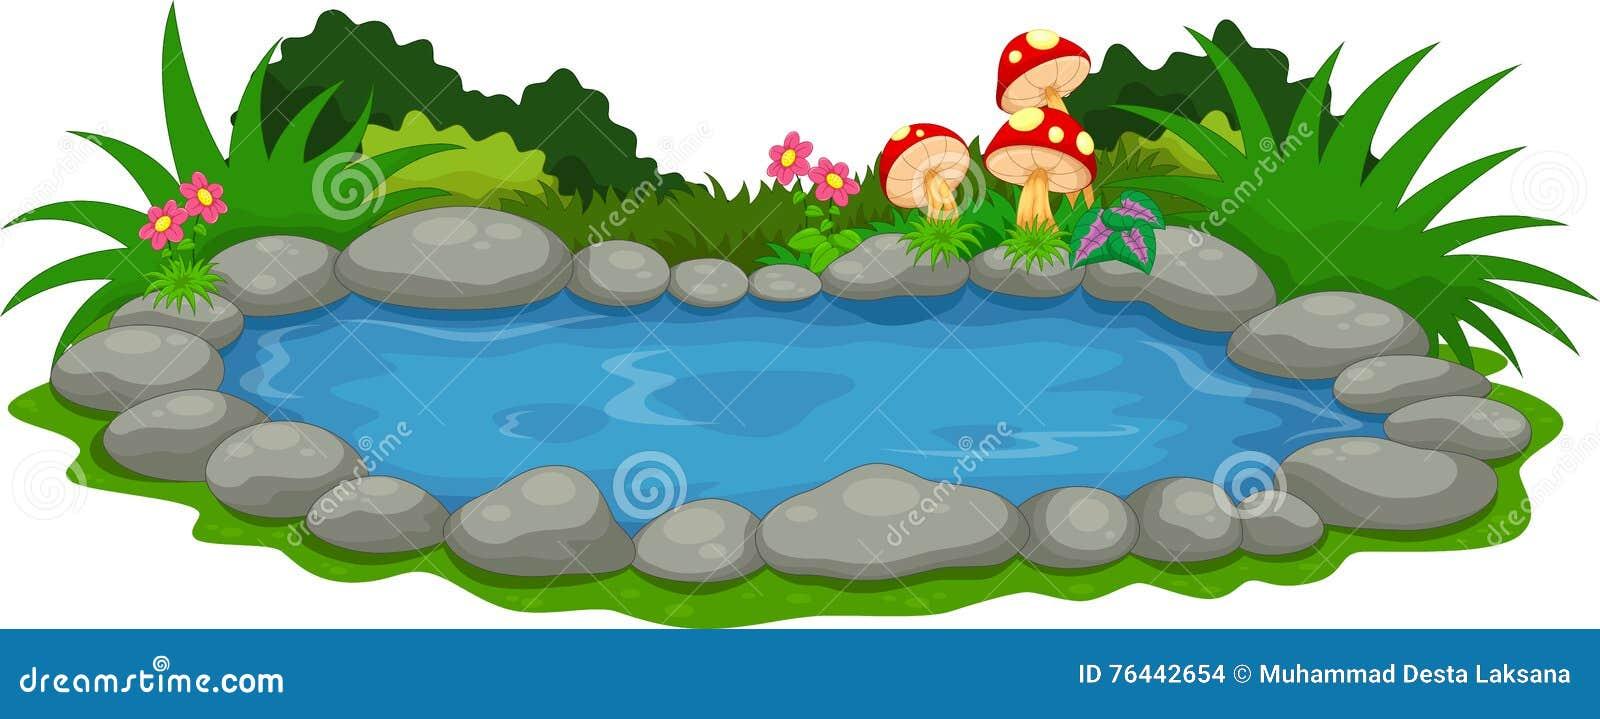 uns desenhos animados do lago pequeno ilustra u00e7 u00e3o stock Free Clip Art lake clipart free download